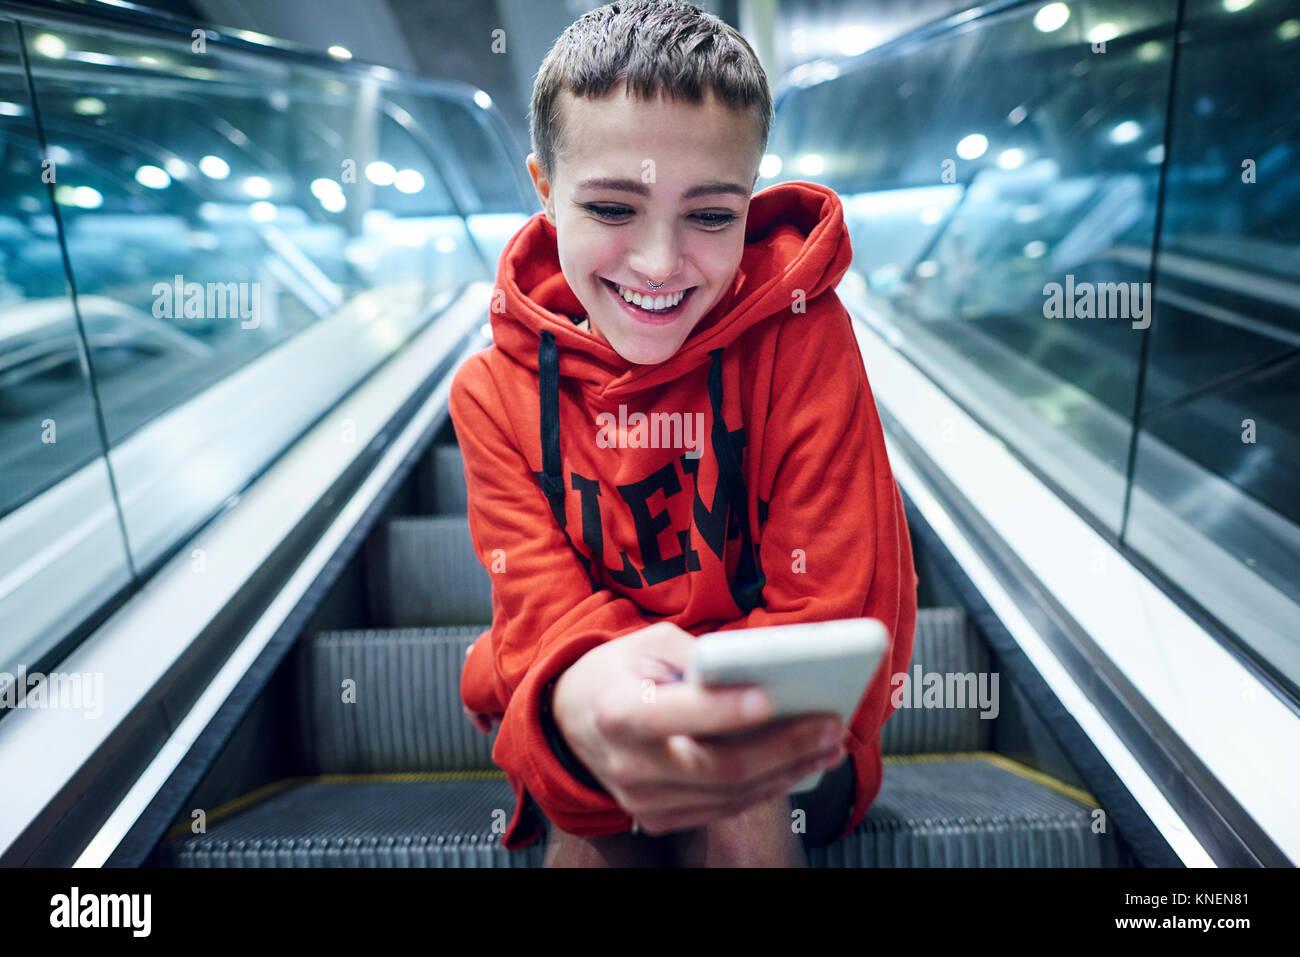 Jovem de cabelos curtos de metro descer escada rolante smartphone olhando Imagens de Stock